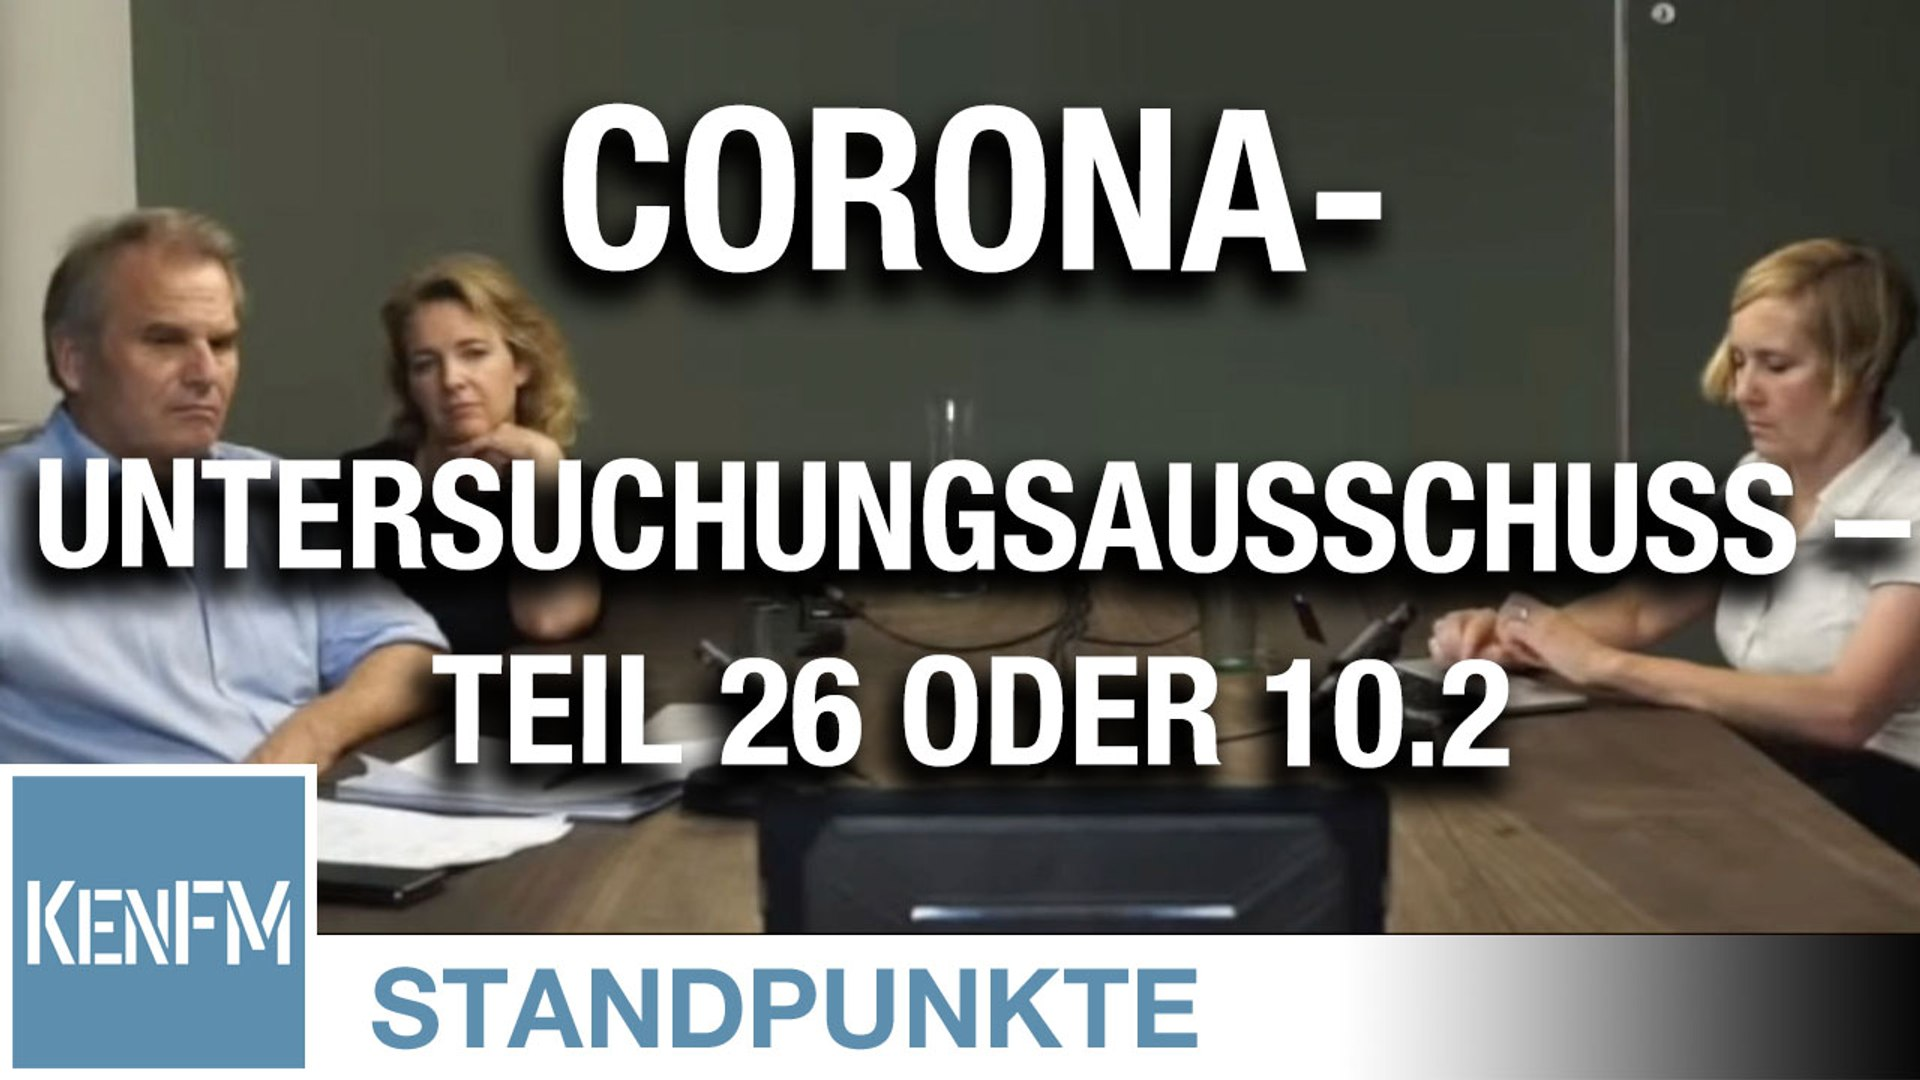 Corona-Untersuchungsausschuss – Teil 26 oder 10.2